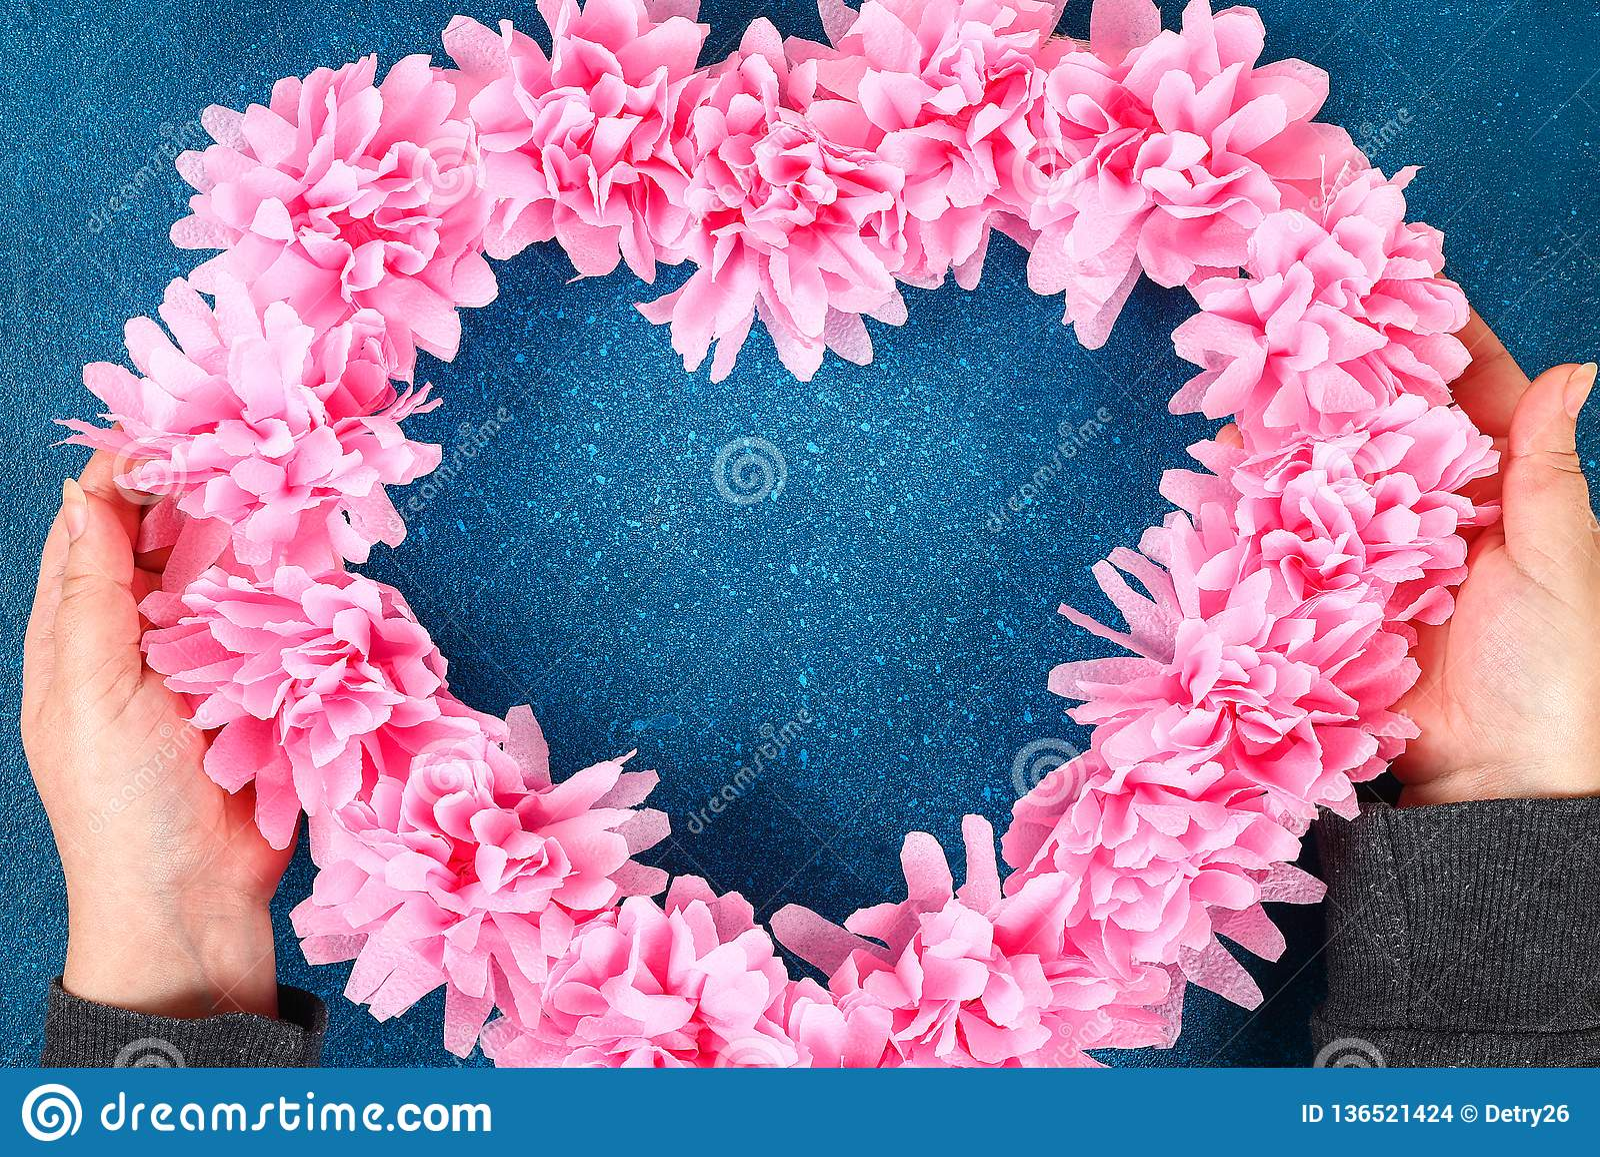 心形的花圈装饰的人造花做了桃红色薄纸餐巾